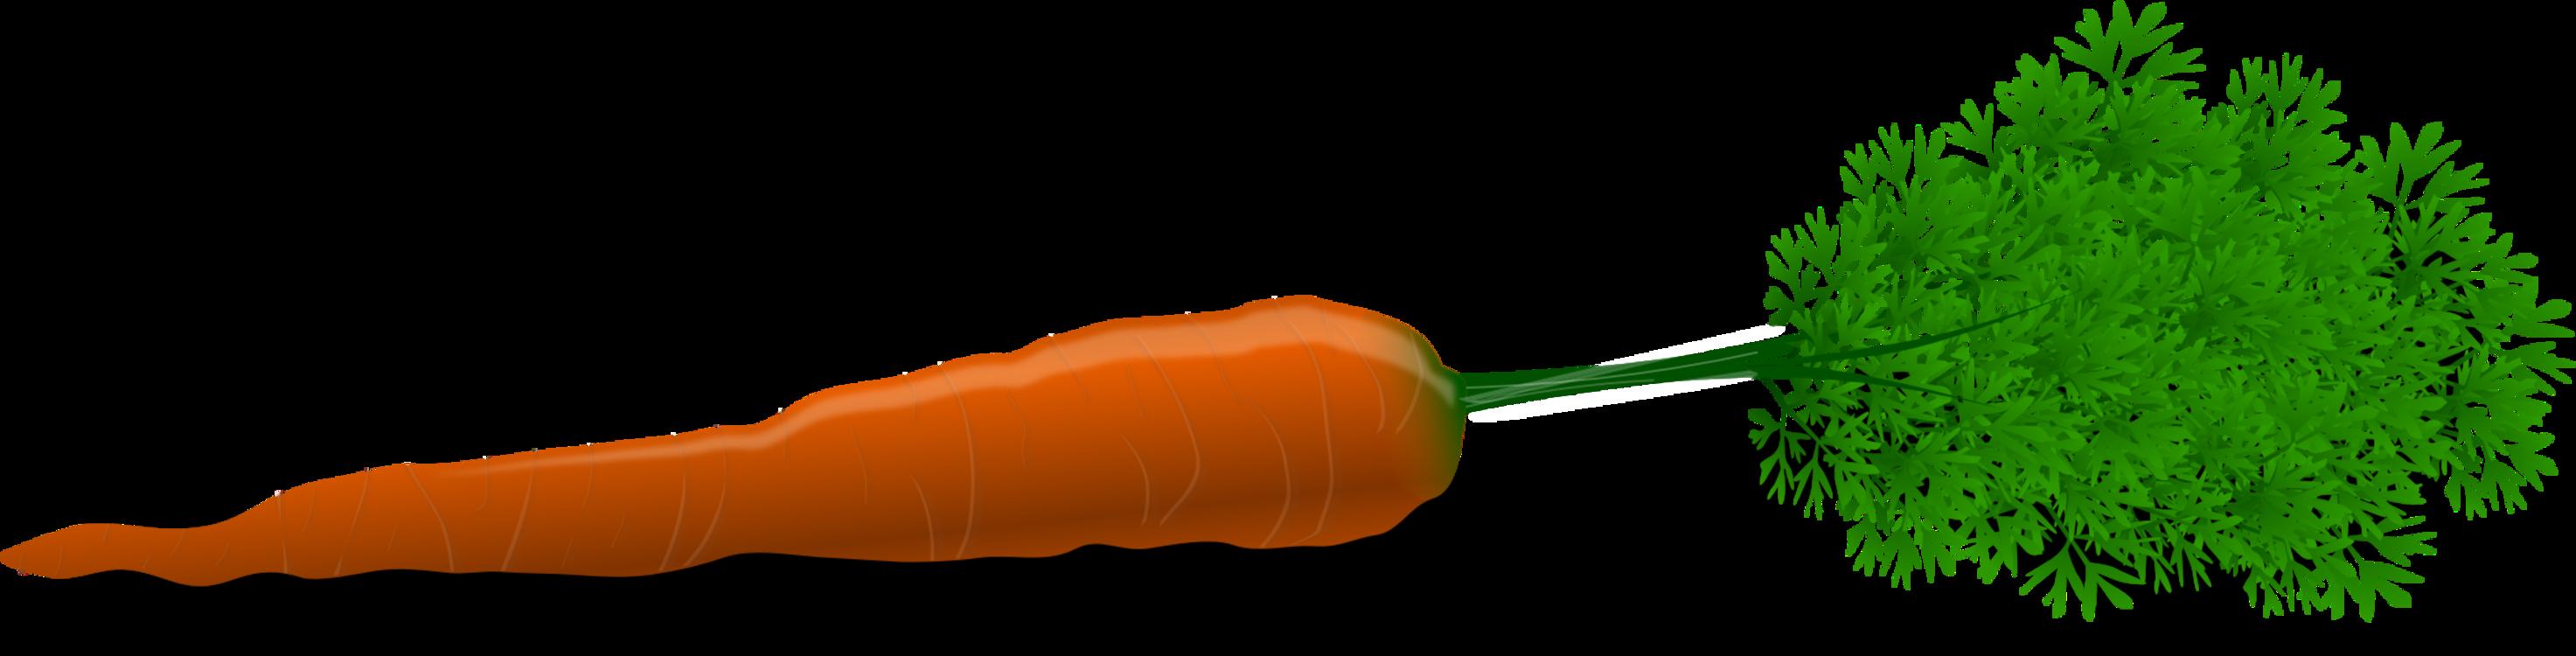 Plant Stem,Carrot,Vegetable